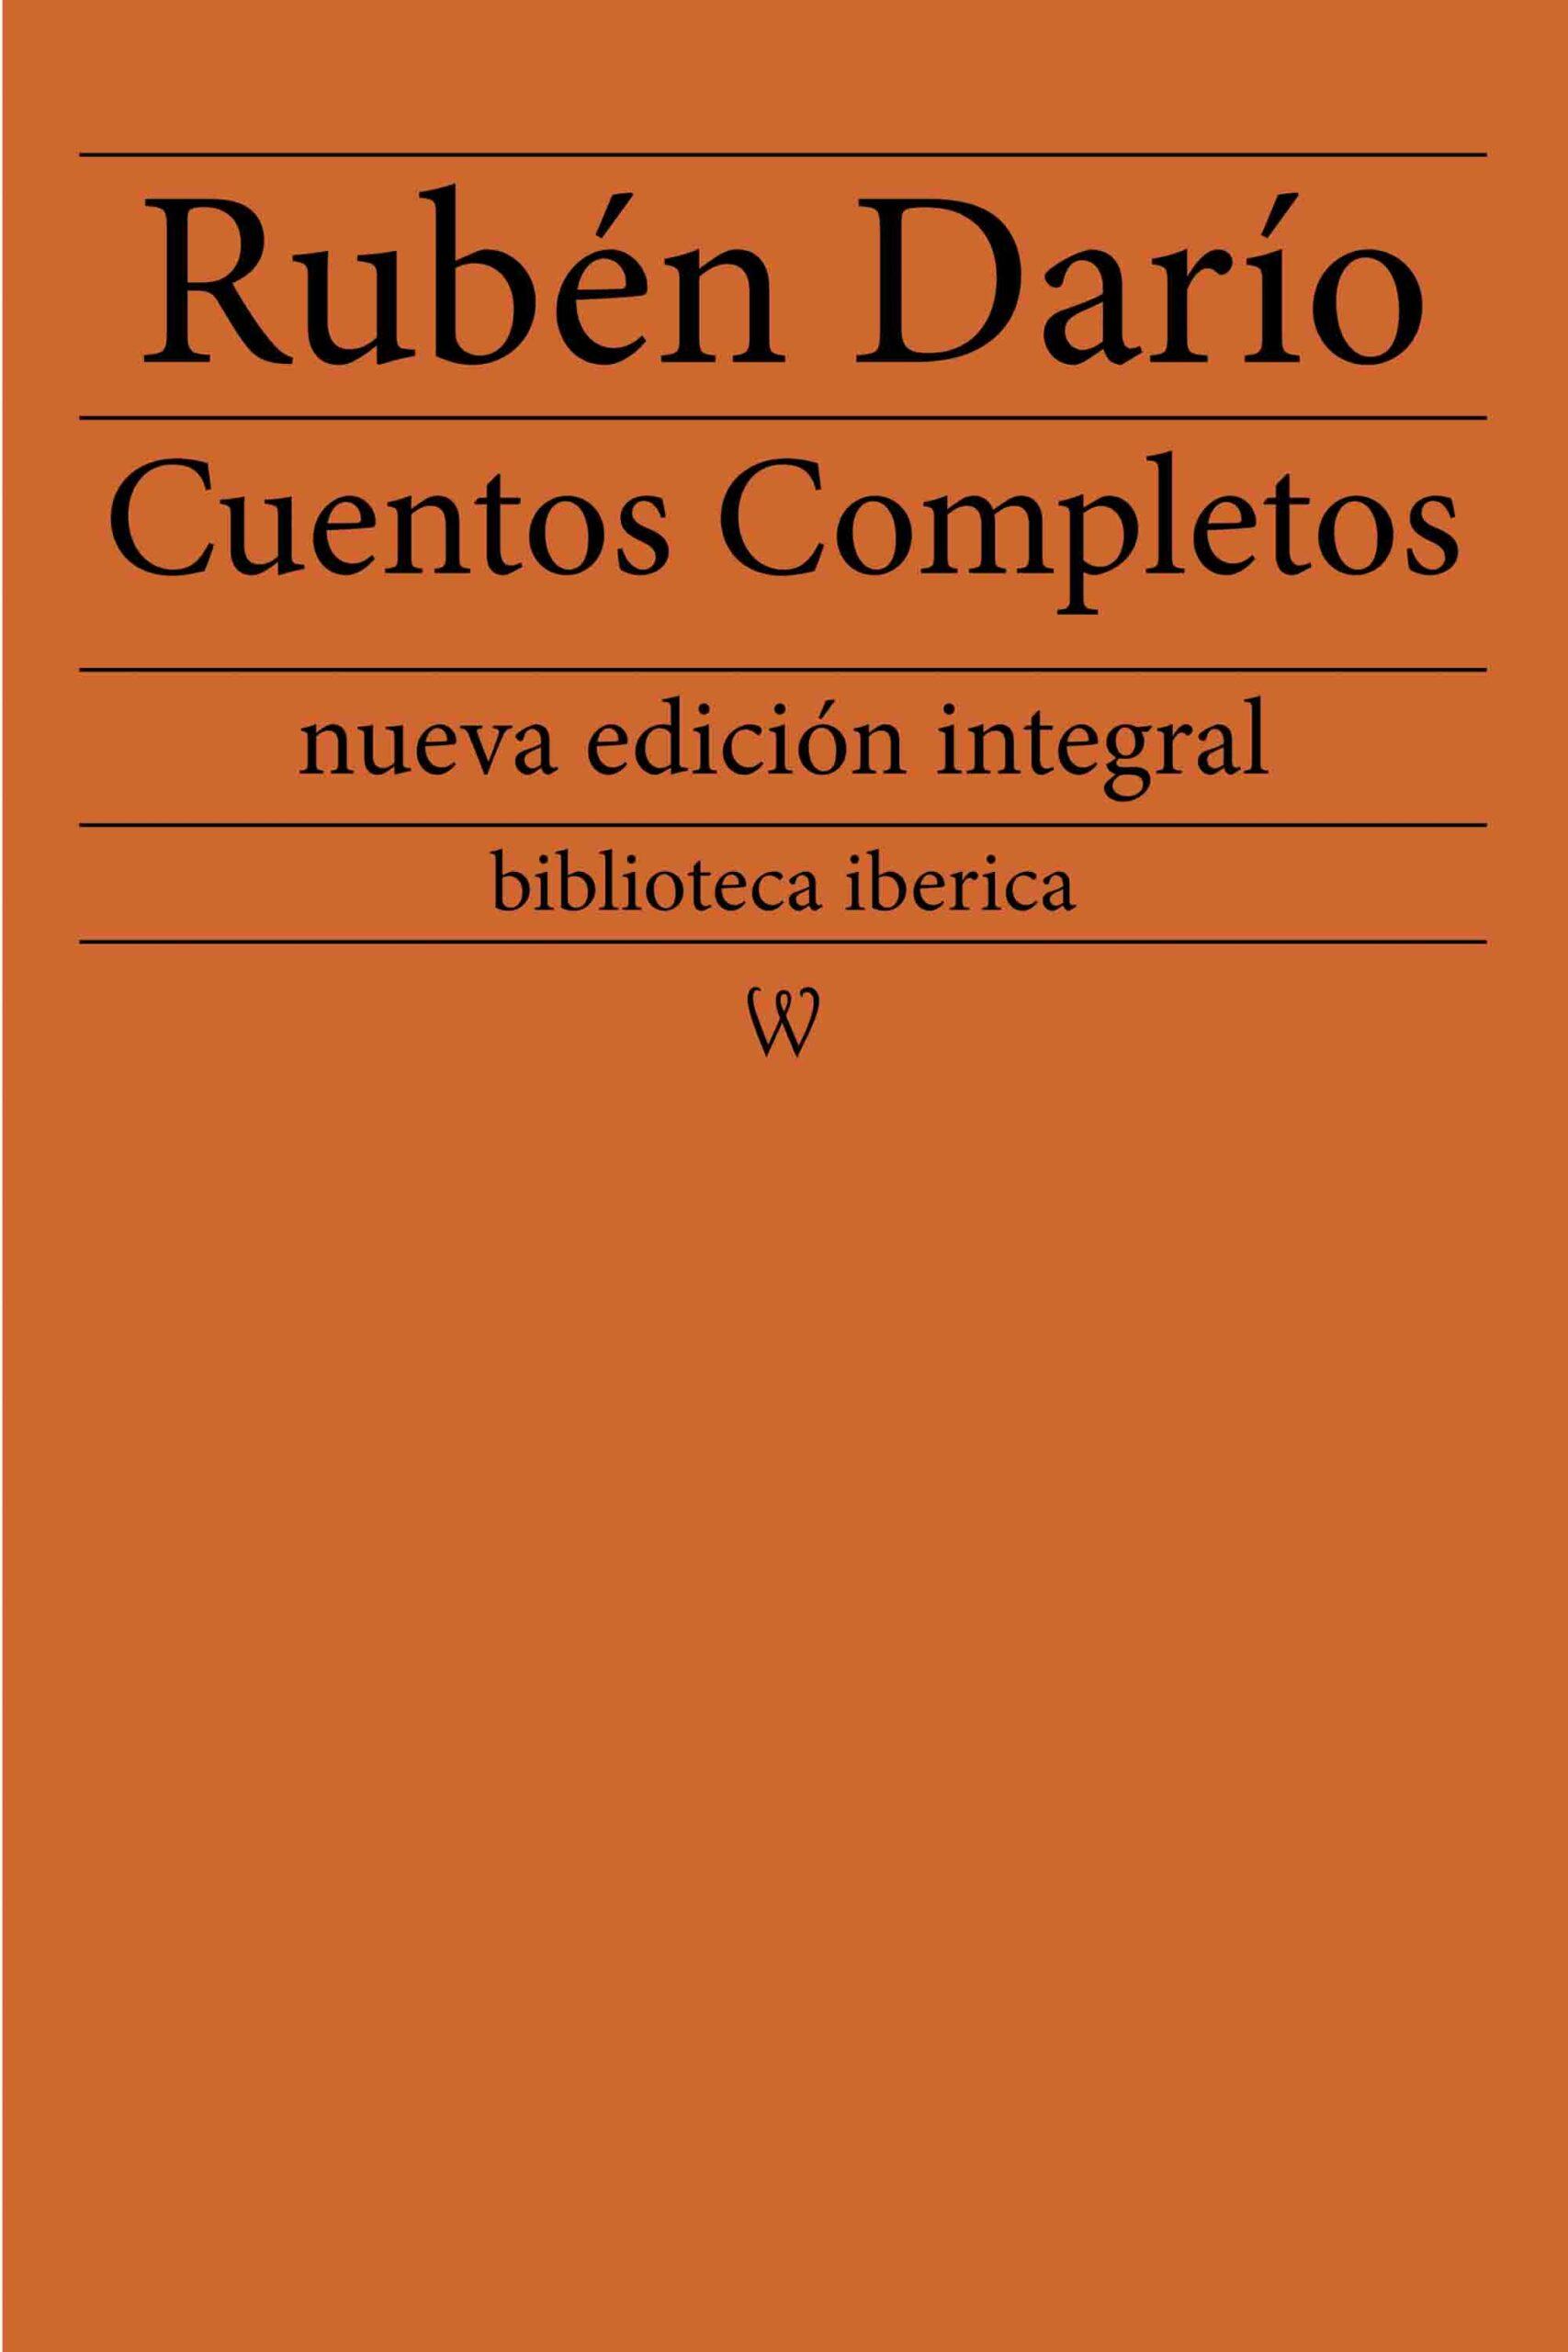 Rubén Darío: Cuentos completos